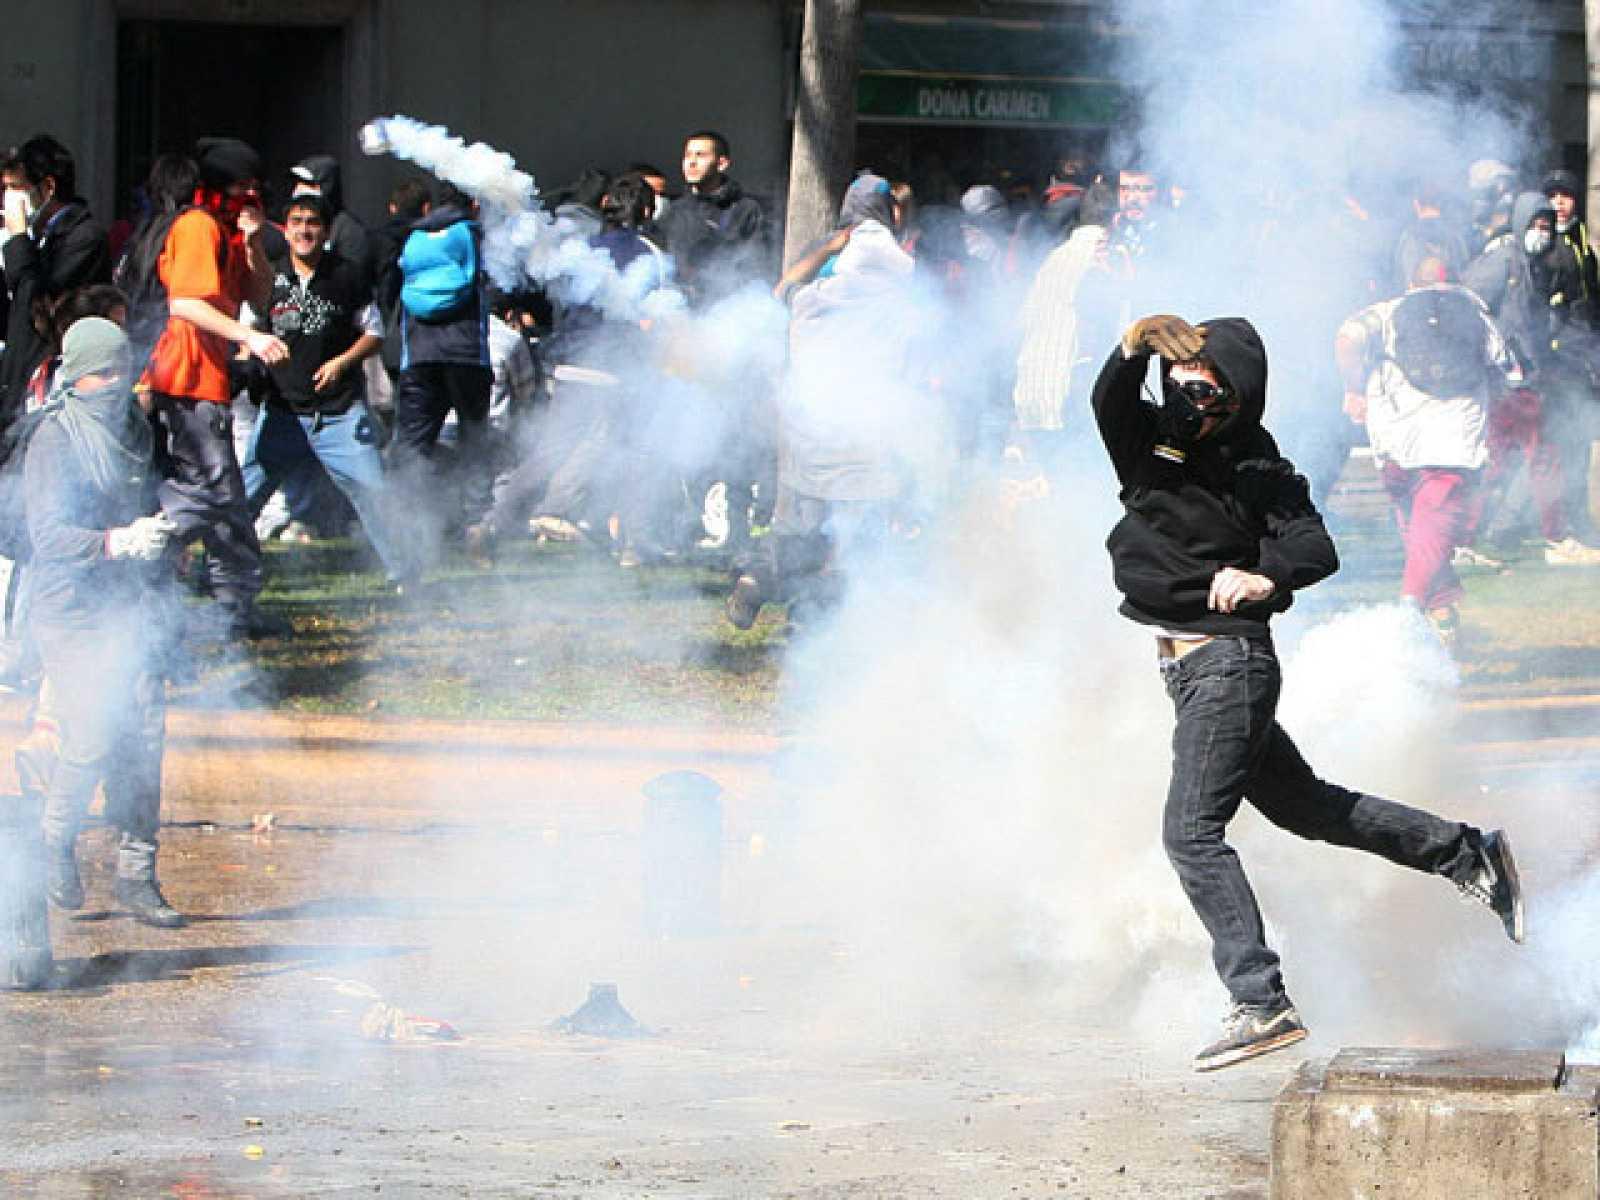 Chile vive una jornada de protestas por una educación gratuita